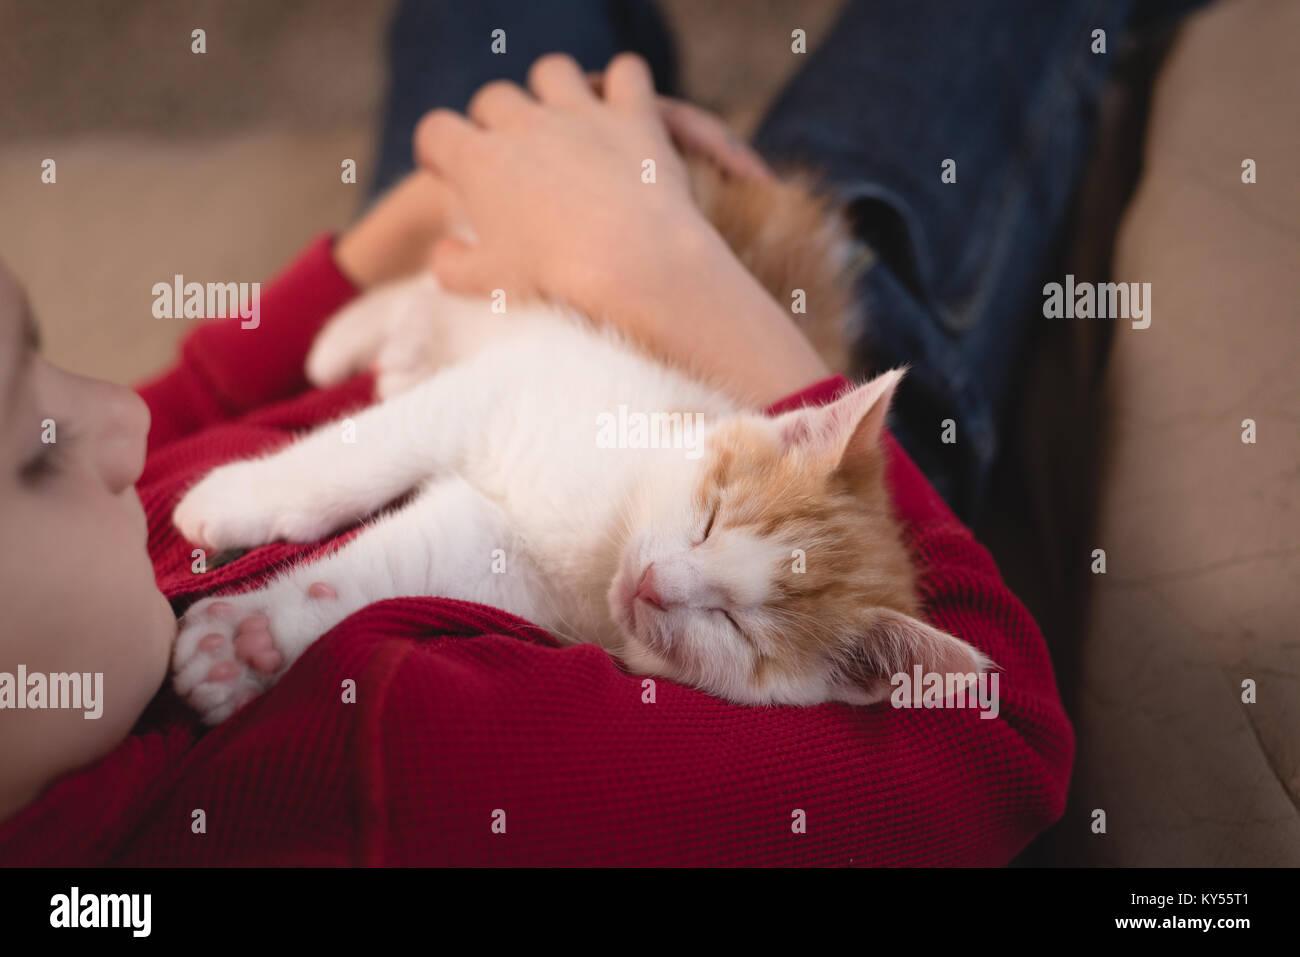 Junge hält Ihre Katze im Wohnzimmer Stockbild